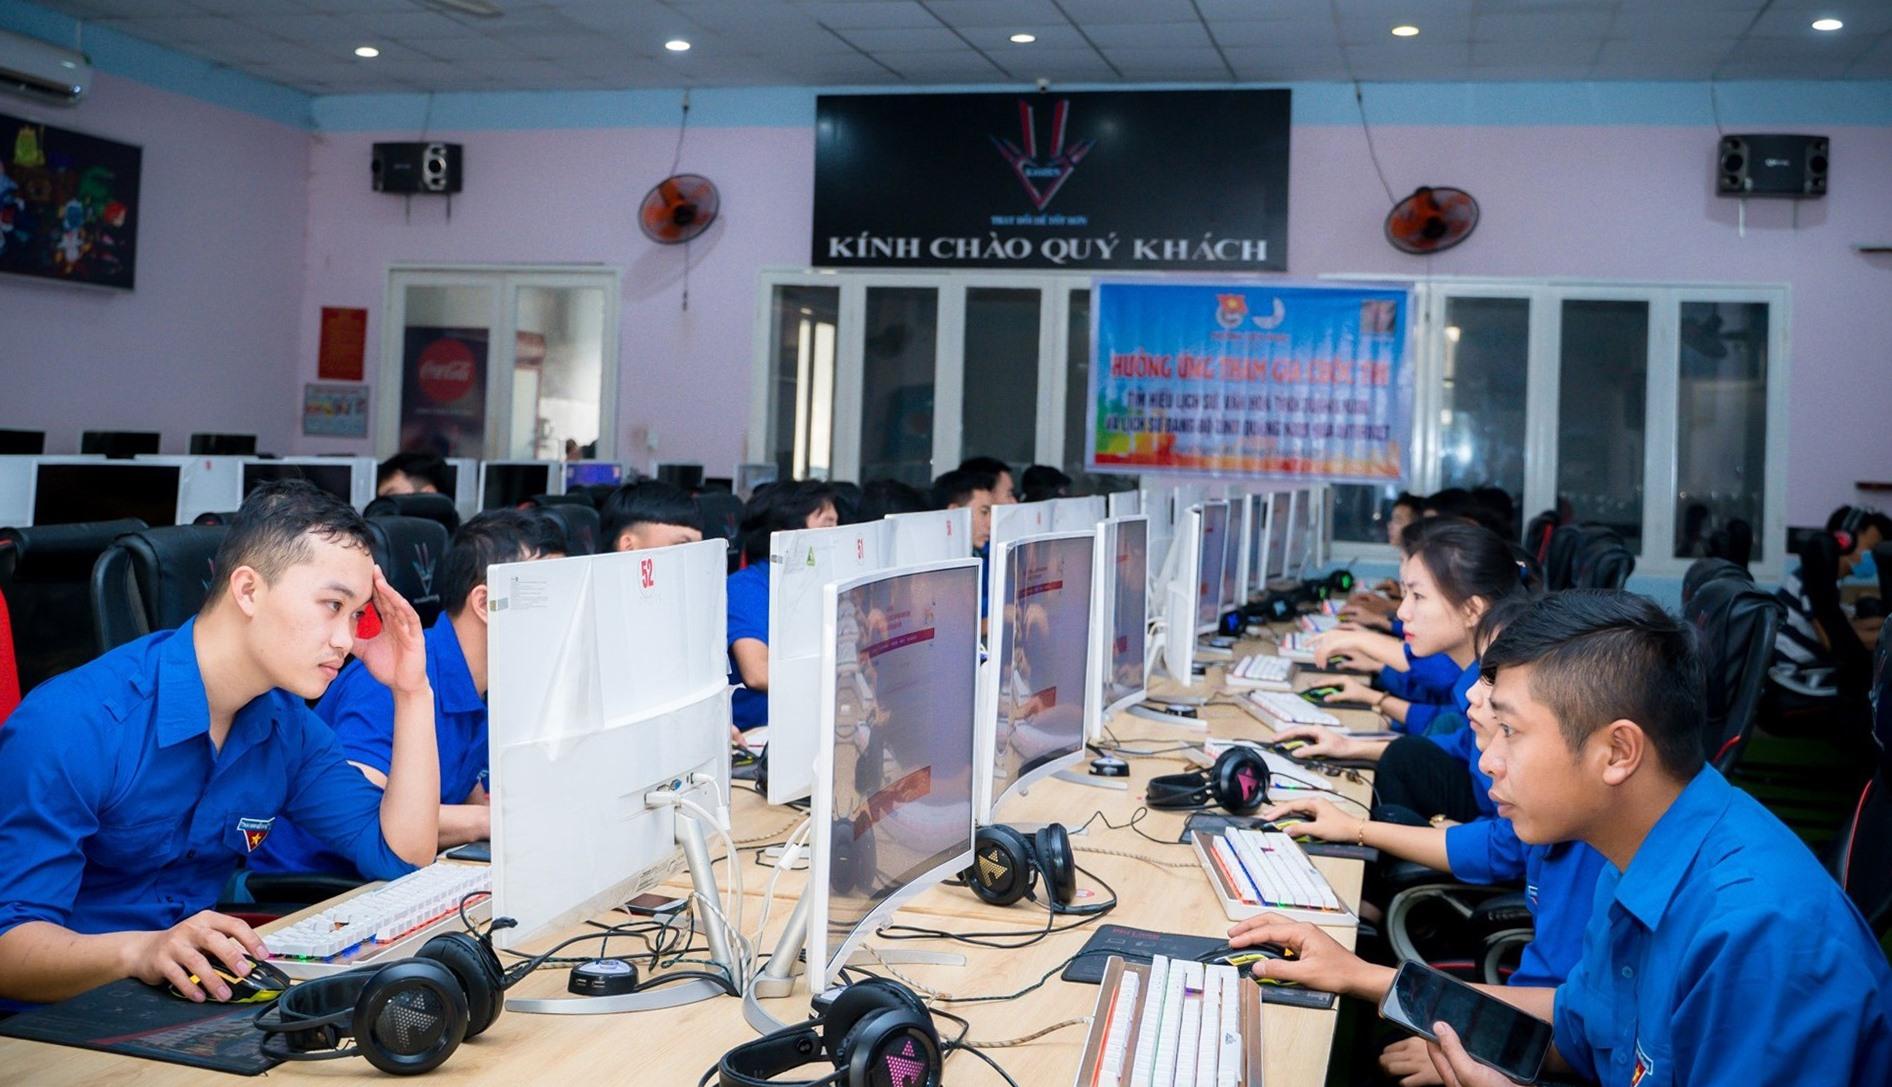 Các cơ sở đoàn tổ chức cho đoàn viên tham gia cuộc thi trực tuyến tìm hiểu truyền thống lịch sử Đảng bộ và văn hóa Quảng Nam. Ảnh: T.NHÂN